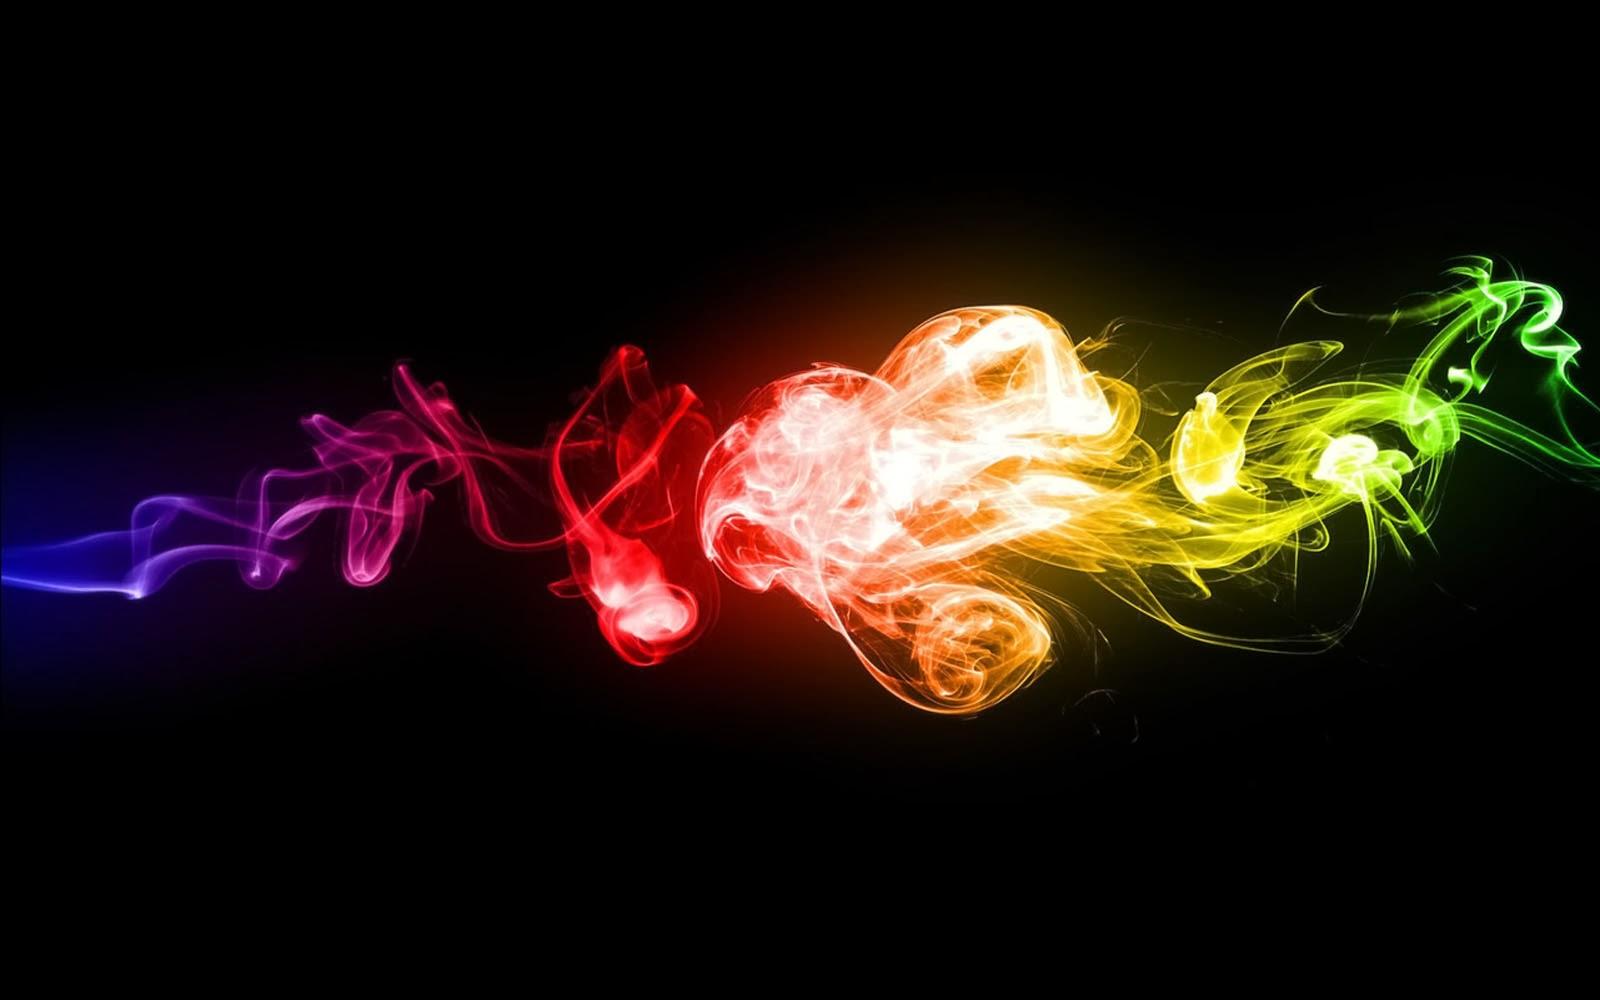 Colorful Smoke Wallpapers